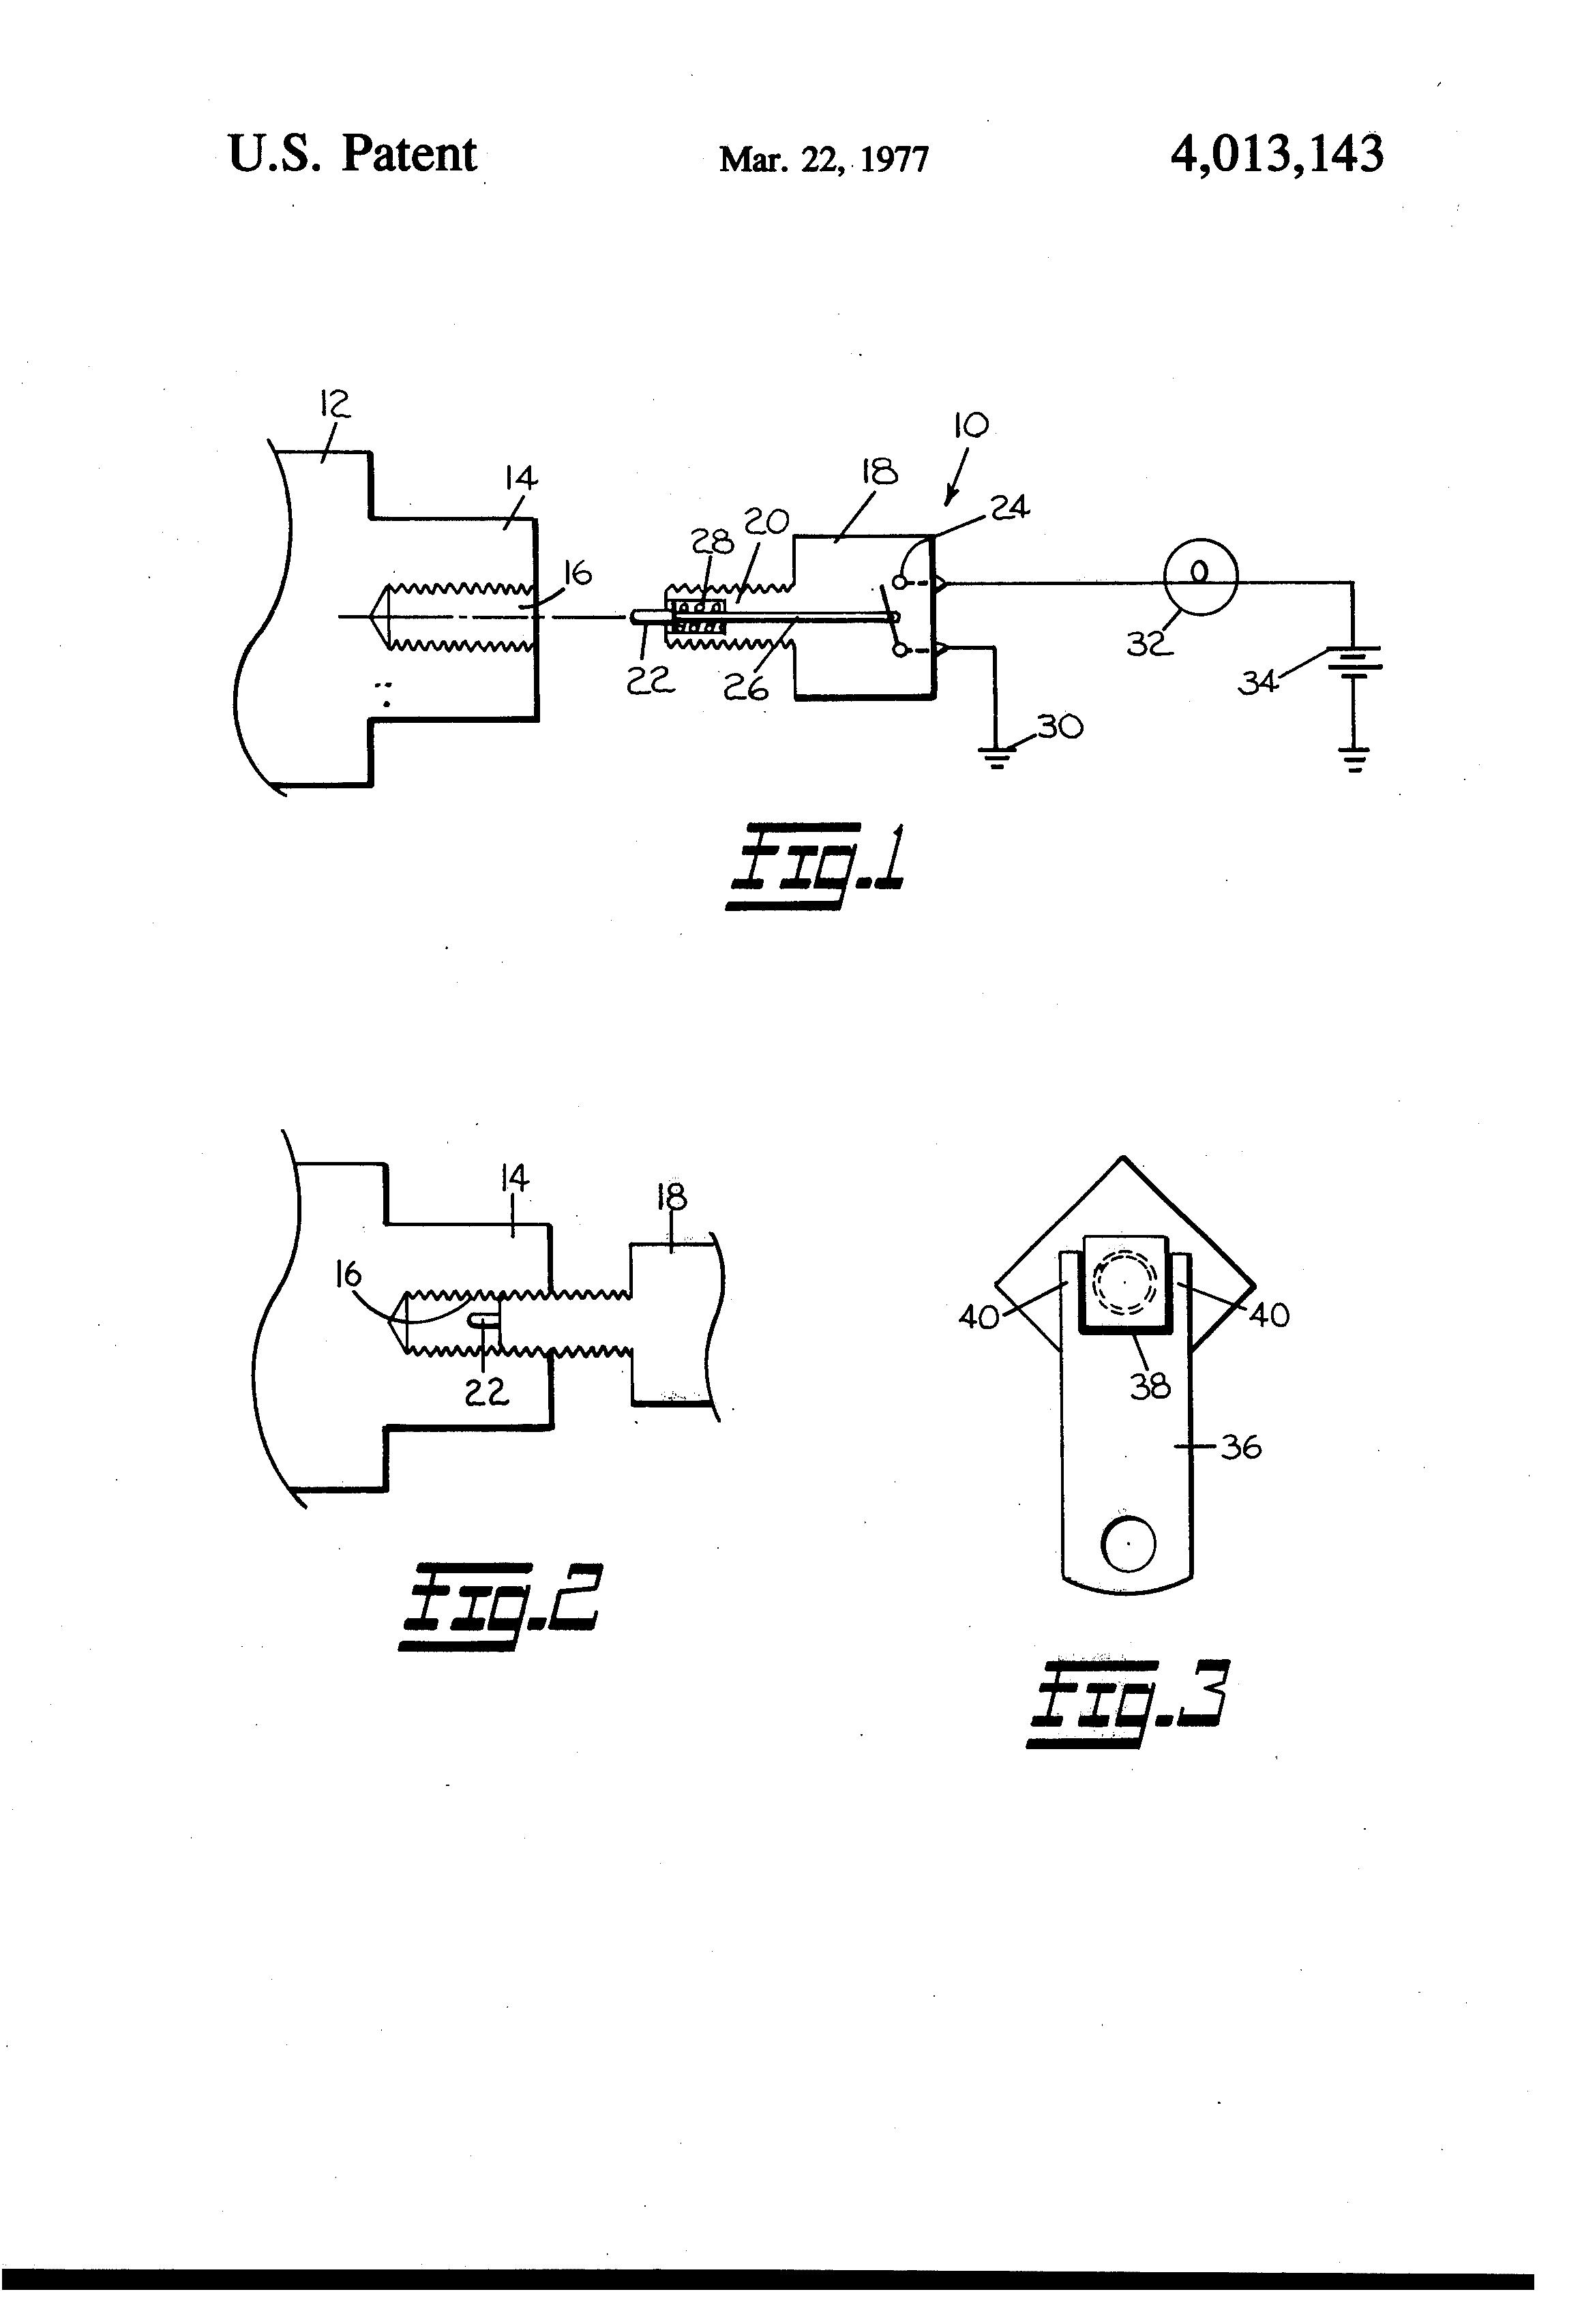 Brake Lining Draw : Patent us brake lining wear indicator google